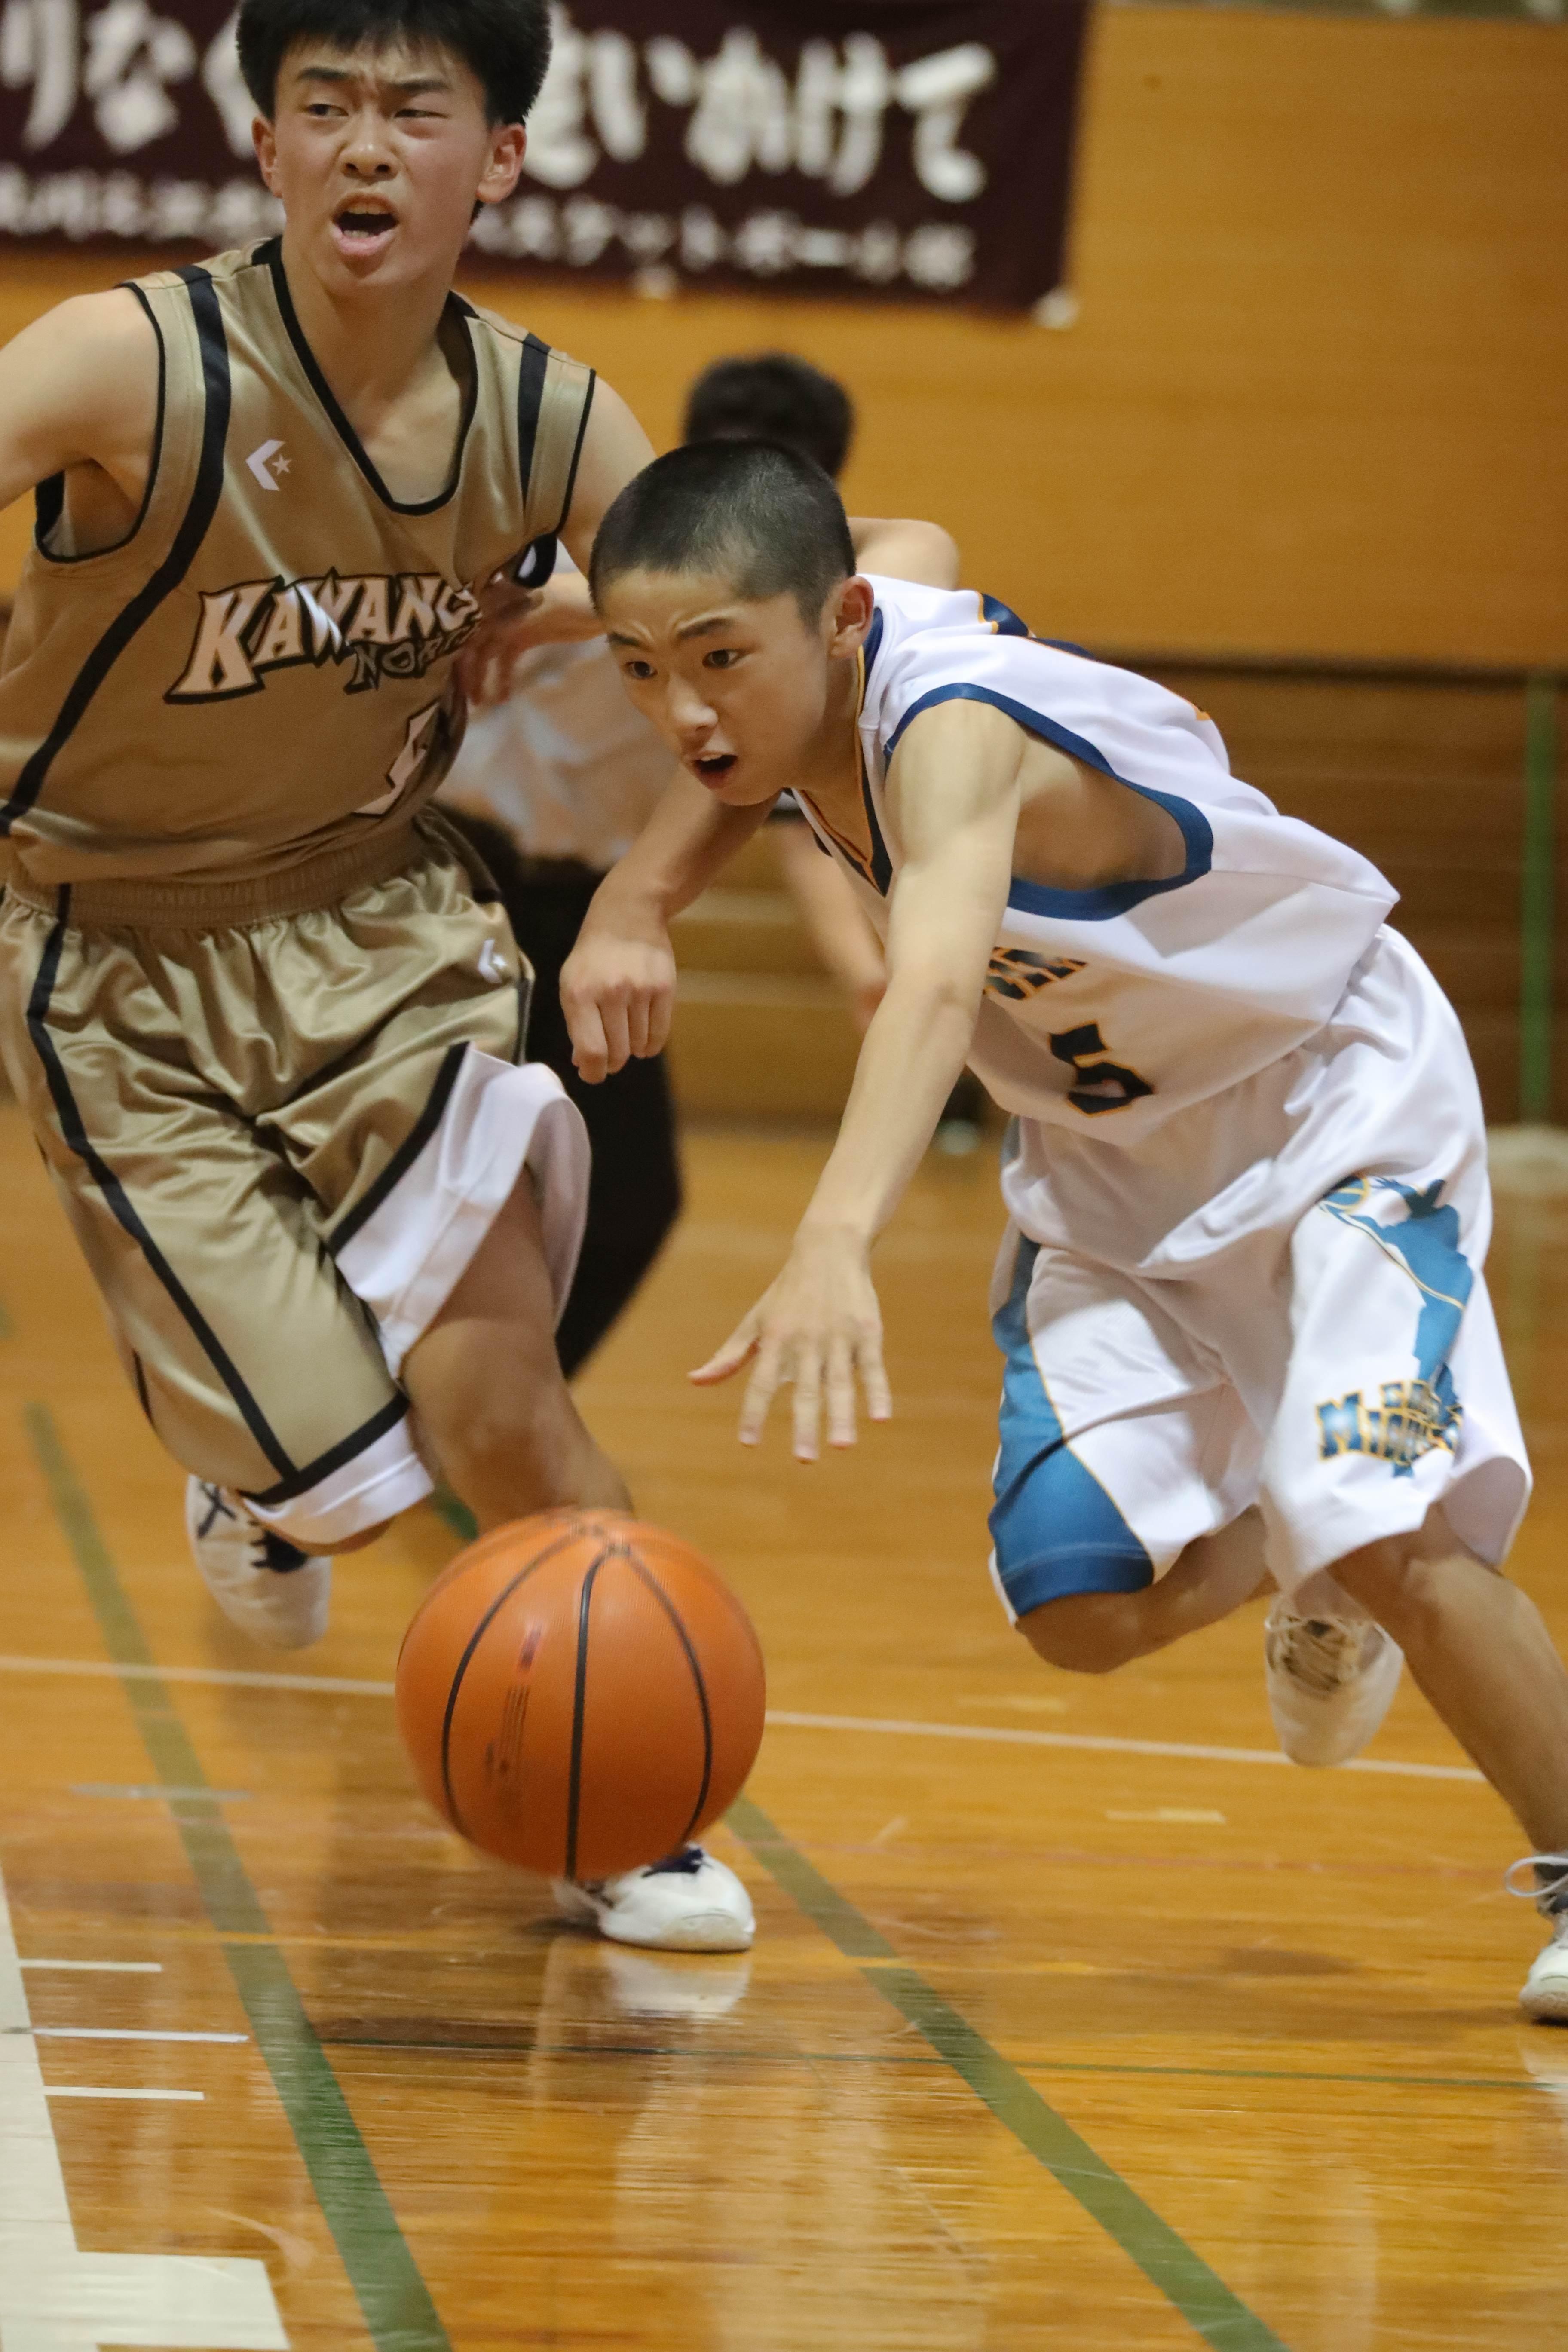 バスケットボール (16)